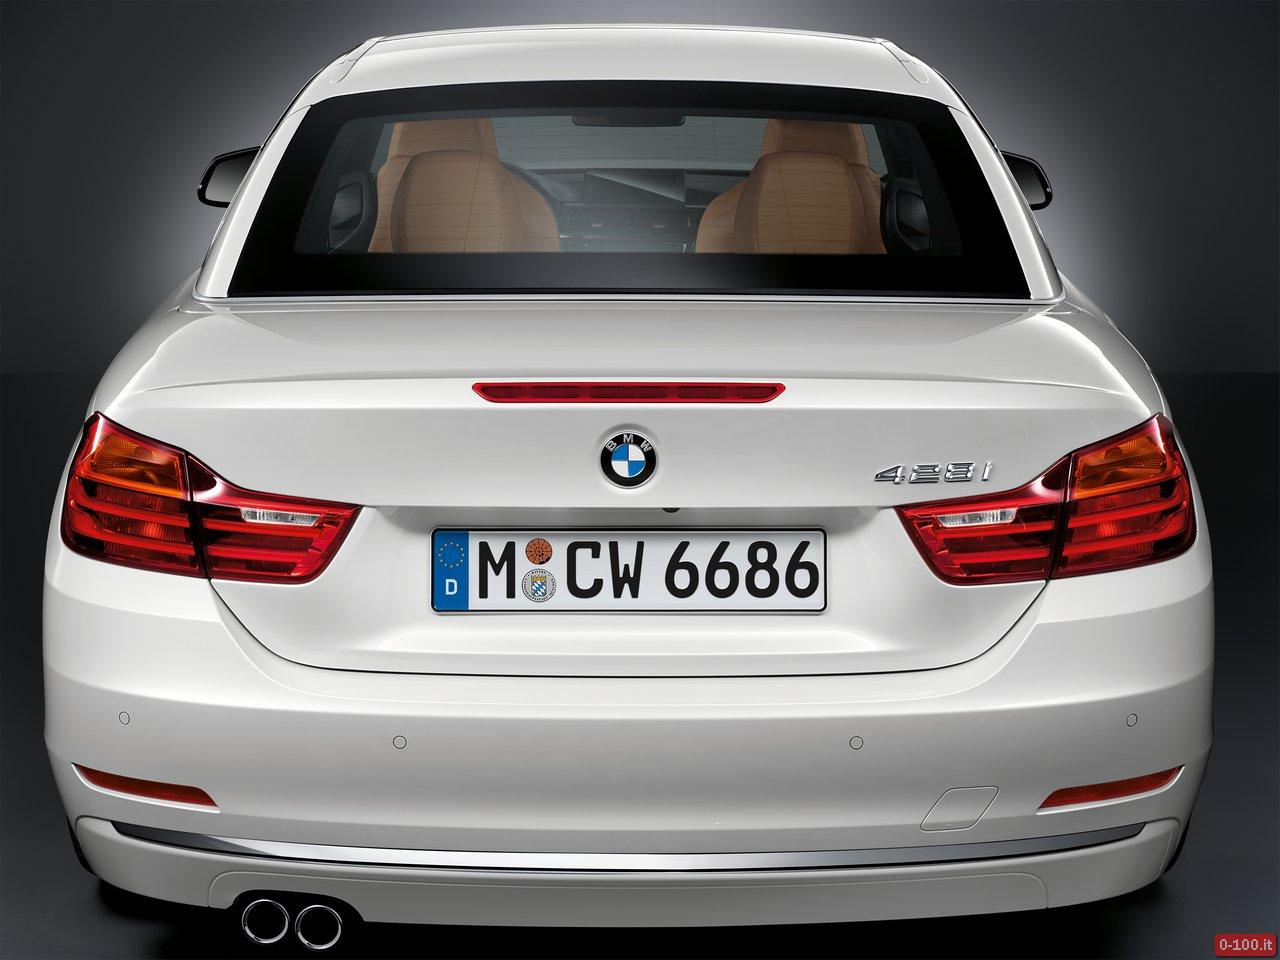 BMW-serie-4-cabrio-420d-428i-435i-cabrio_51